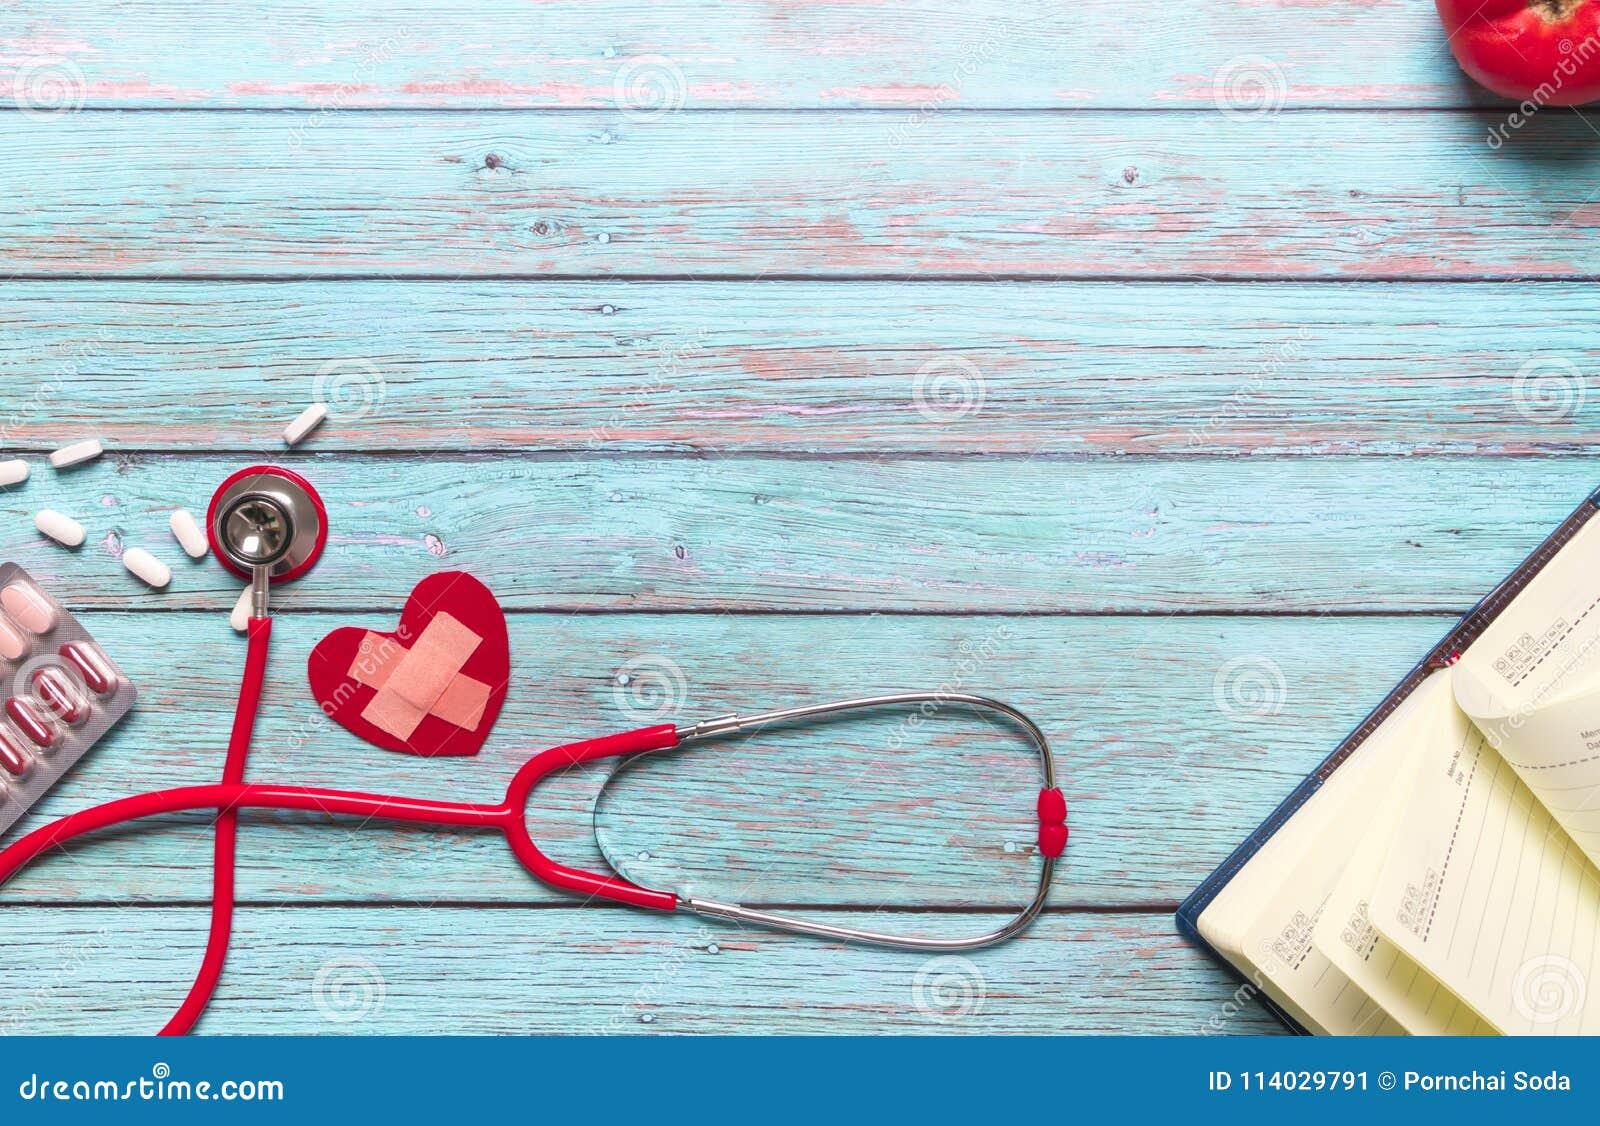 Opieka zdrowotna, medycznego pojęcia czerwony stetoskop i medycyna na błękitnym drewnianym tle